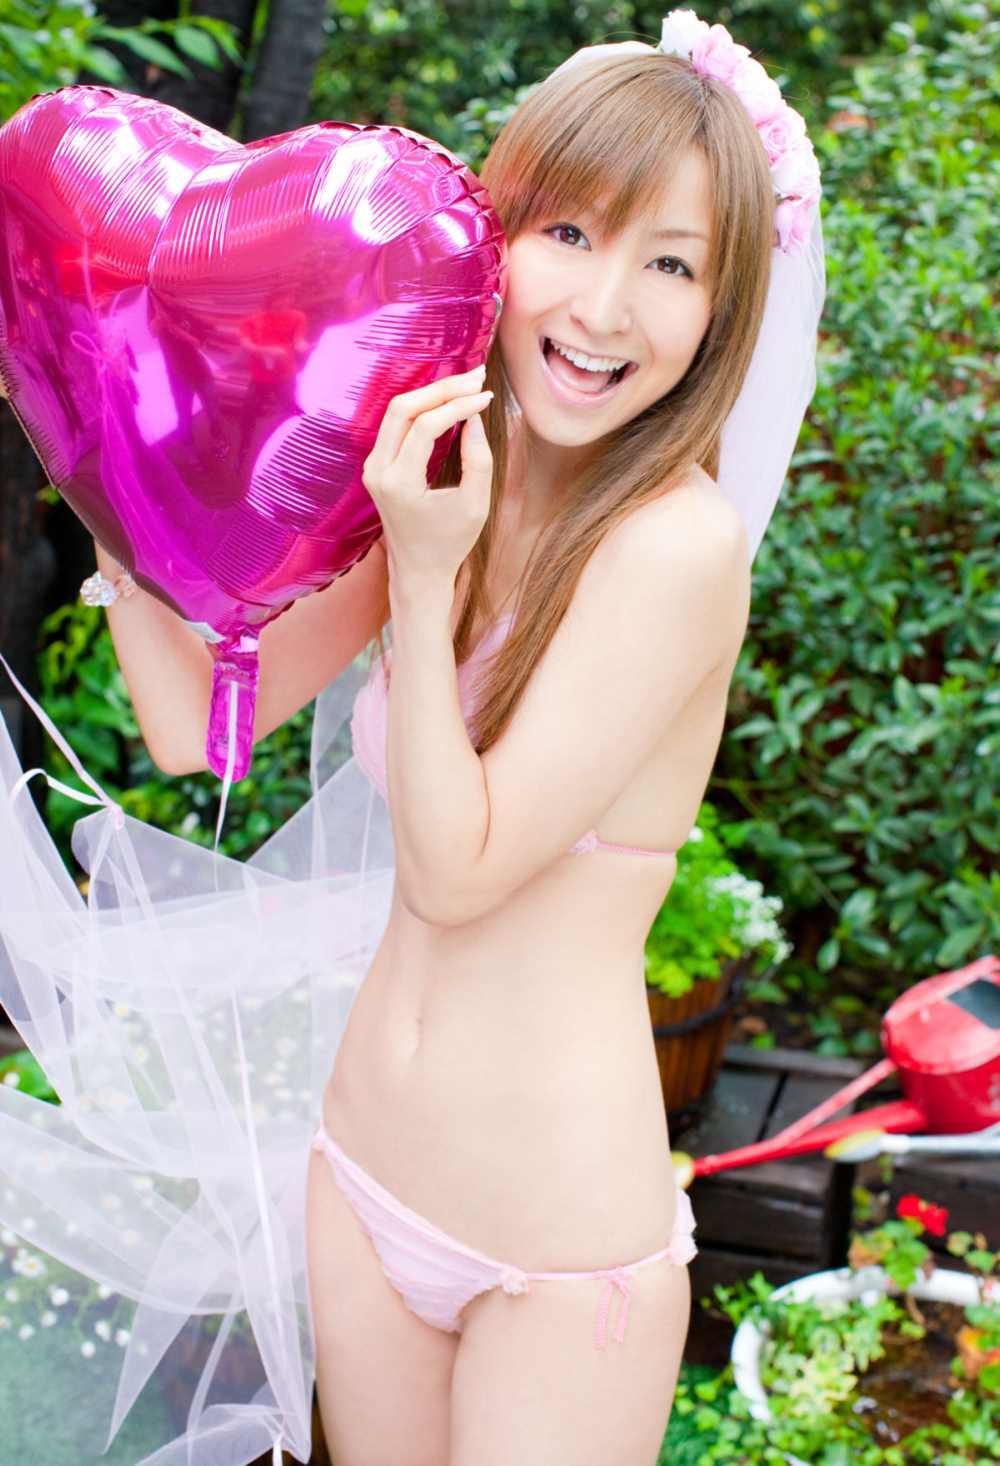 木口亜矢が水着の花嫁衣装で結婚式するエロ画像